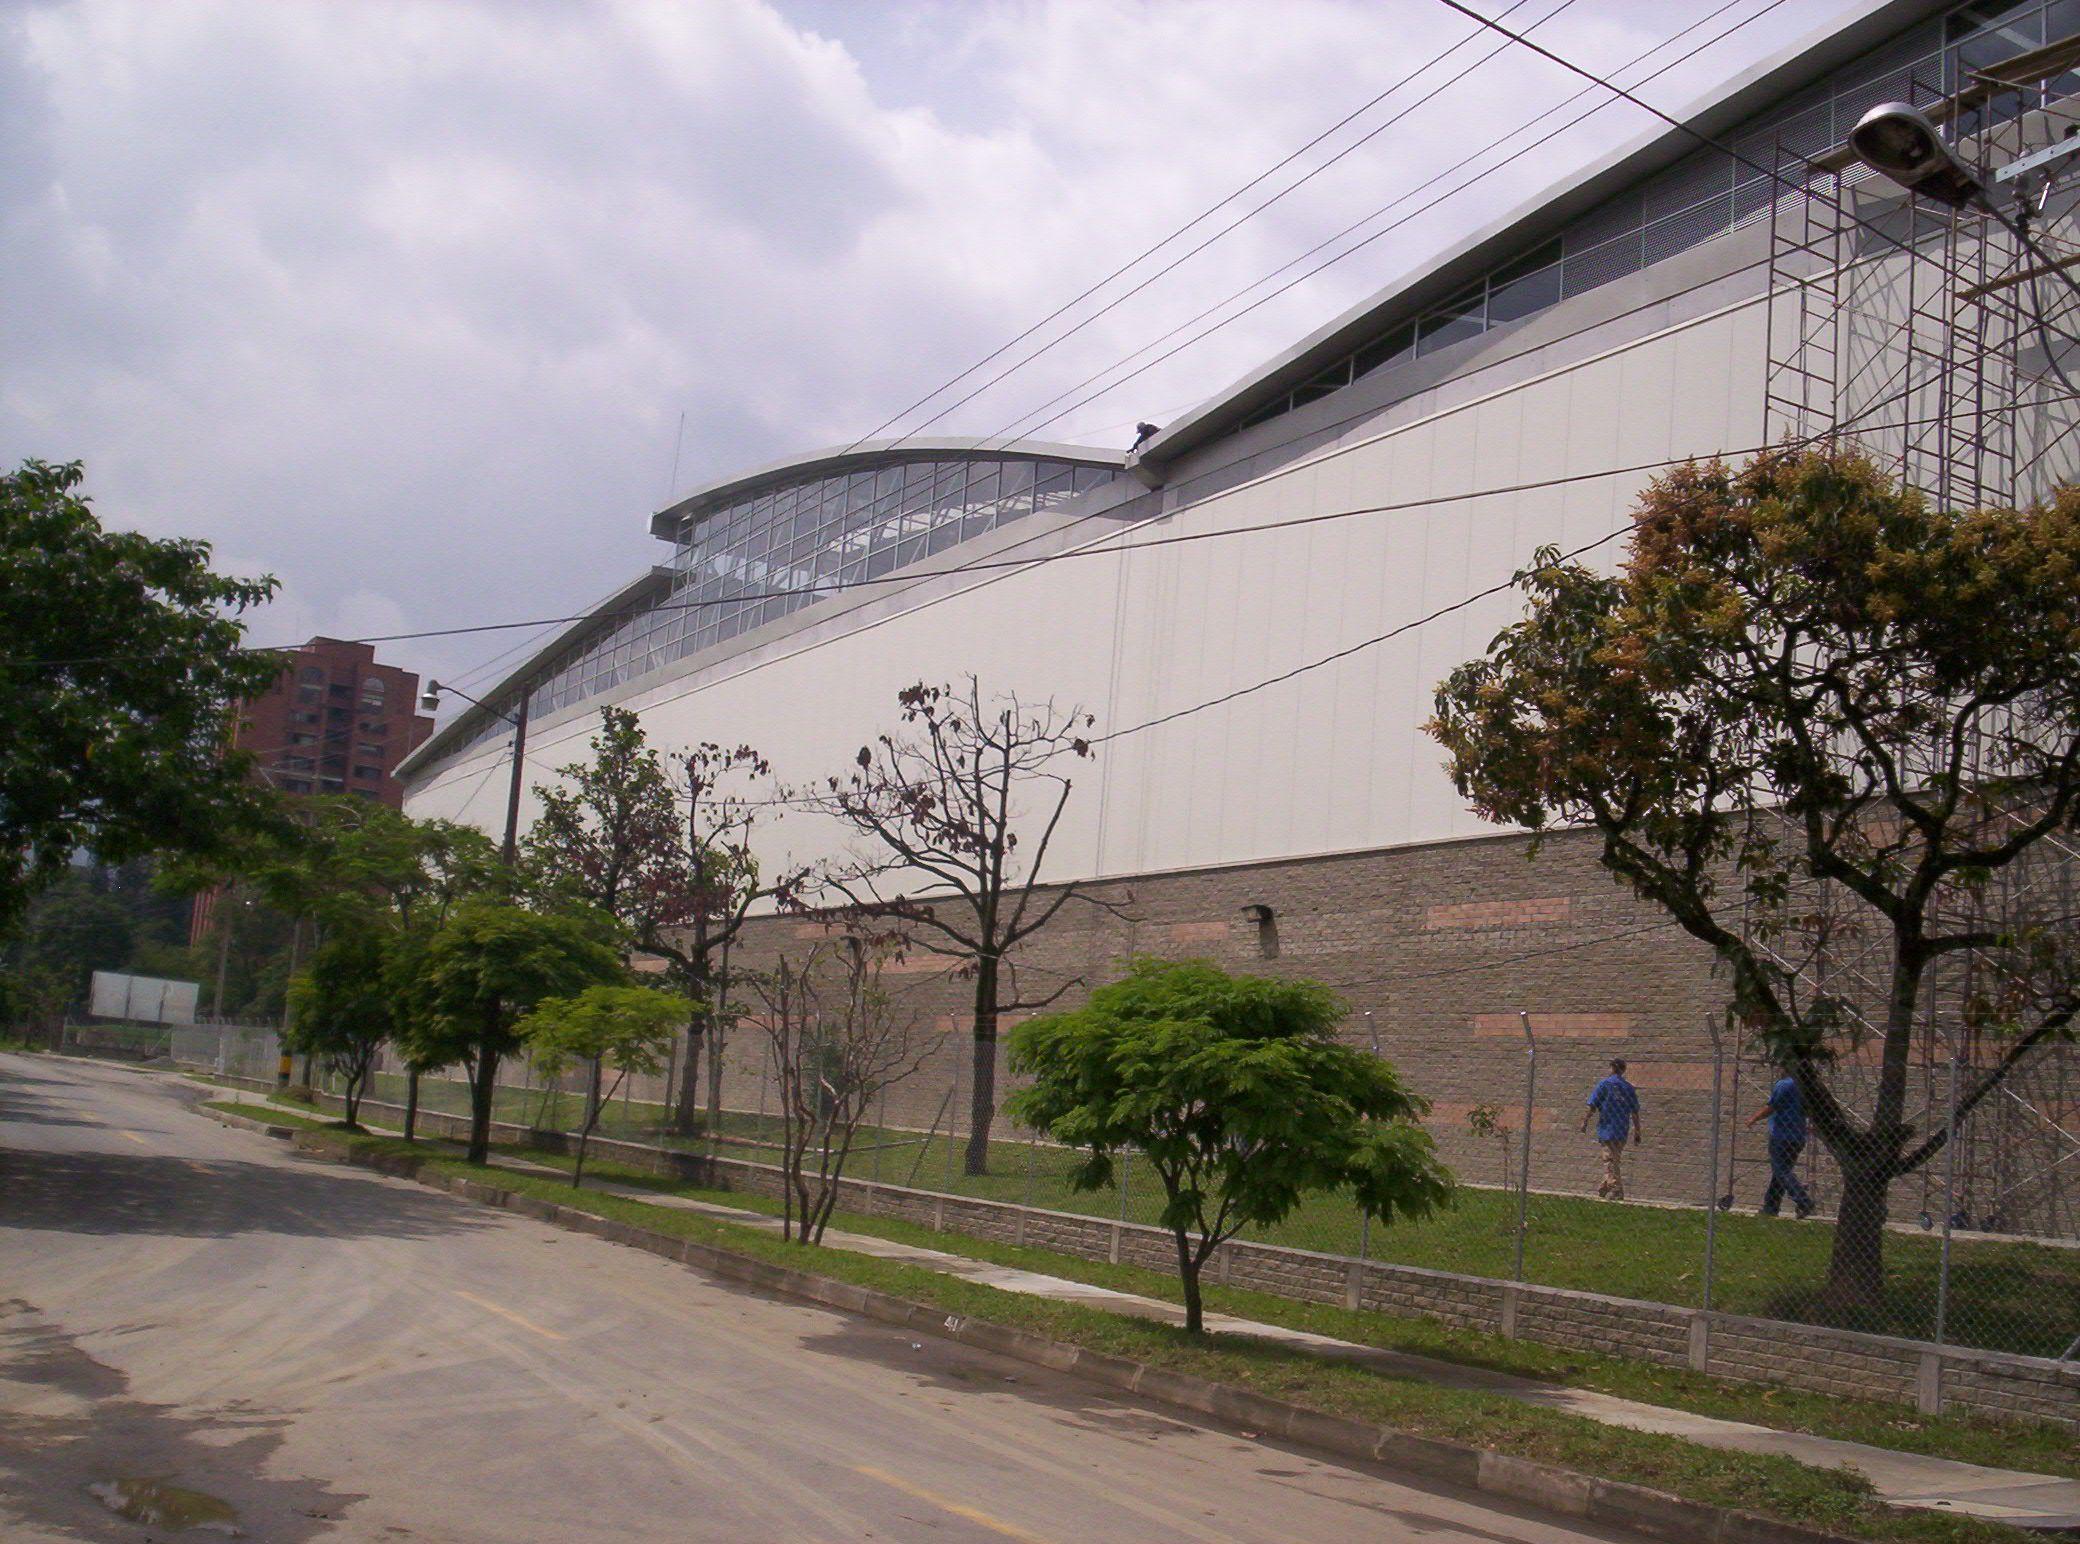 Centro de Distribución Inversiones Pinamar - Reforma del centro. Año de construcción: 2005 Ciudad: Envigado, Antioquia, Colombia. Cliente: Inversiones Pinamar S.A.